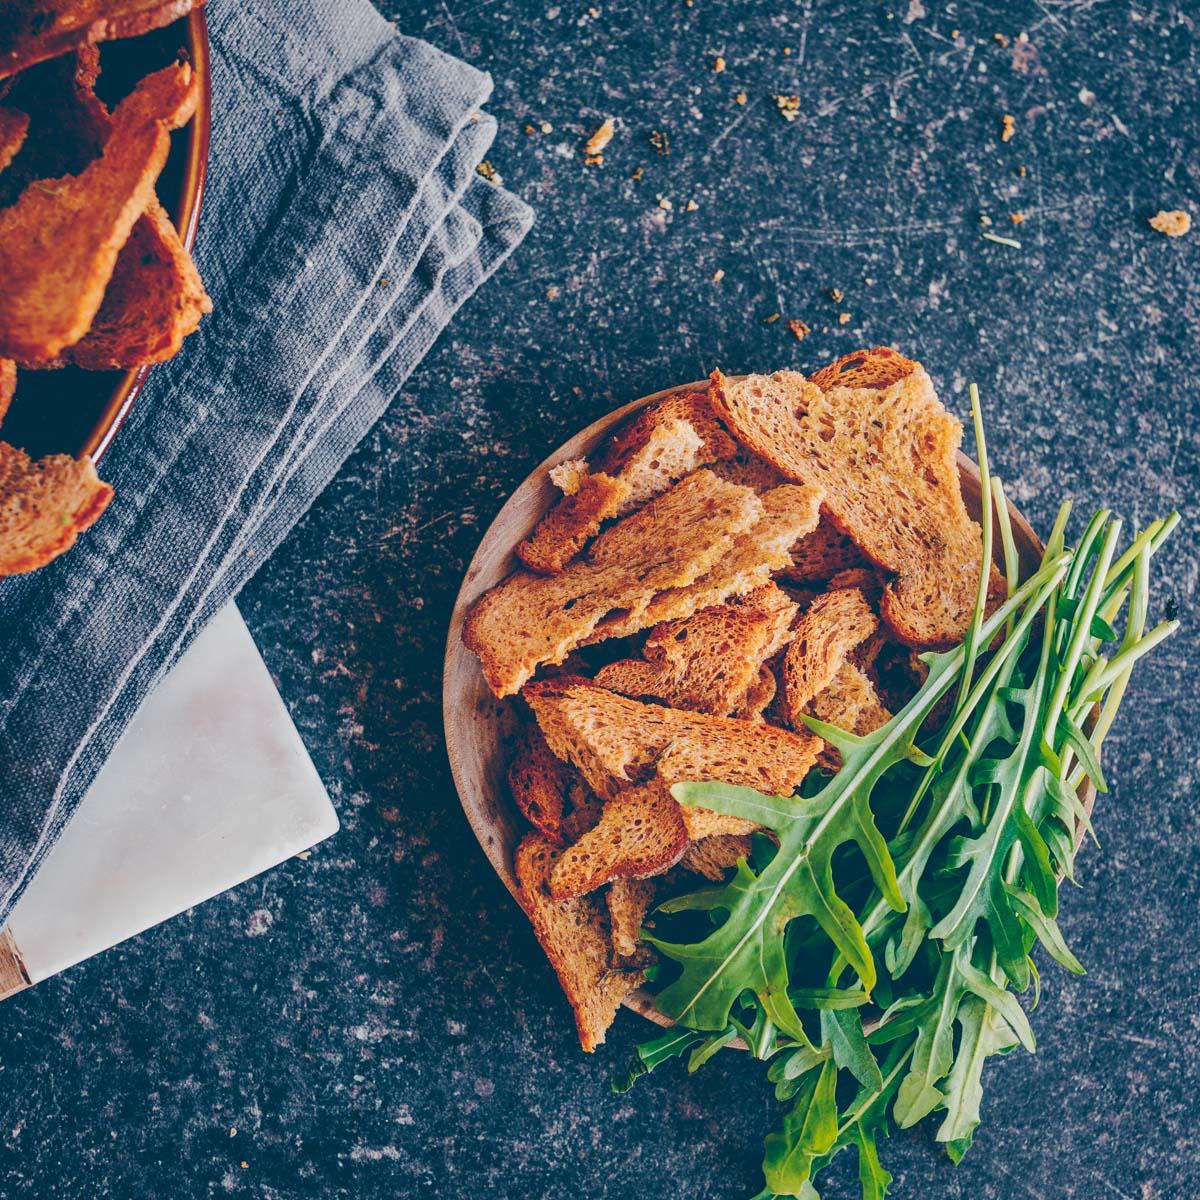 Apéro mit Brot: Drei Genuss-Kombinationen